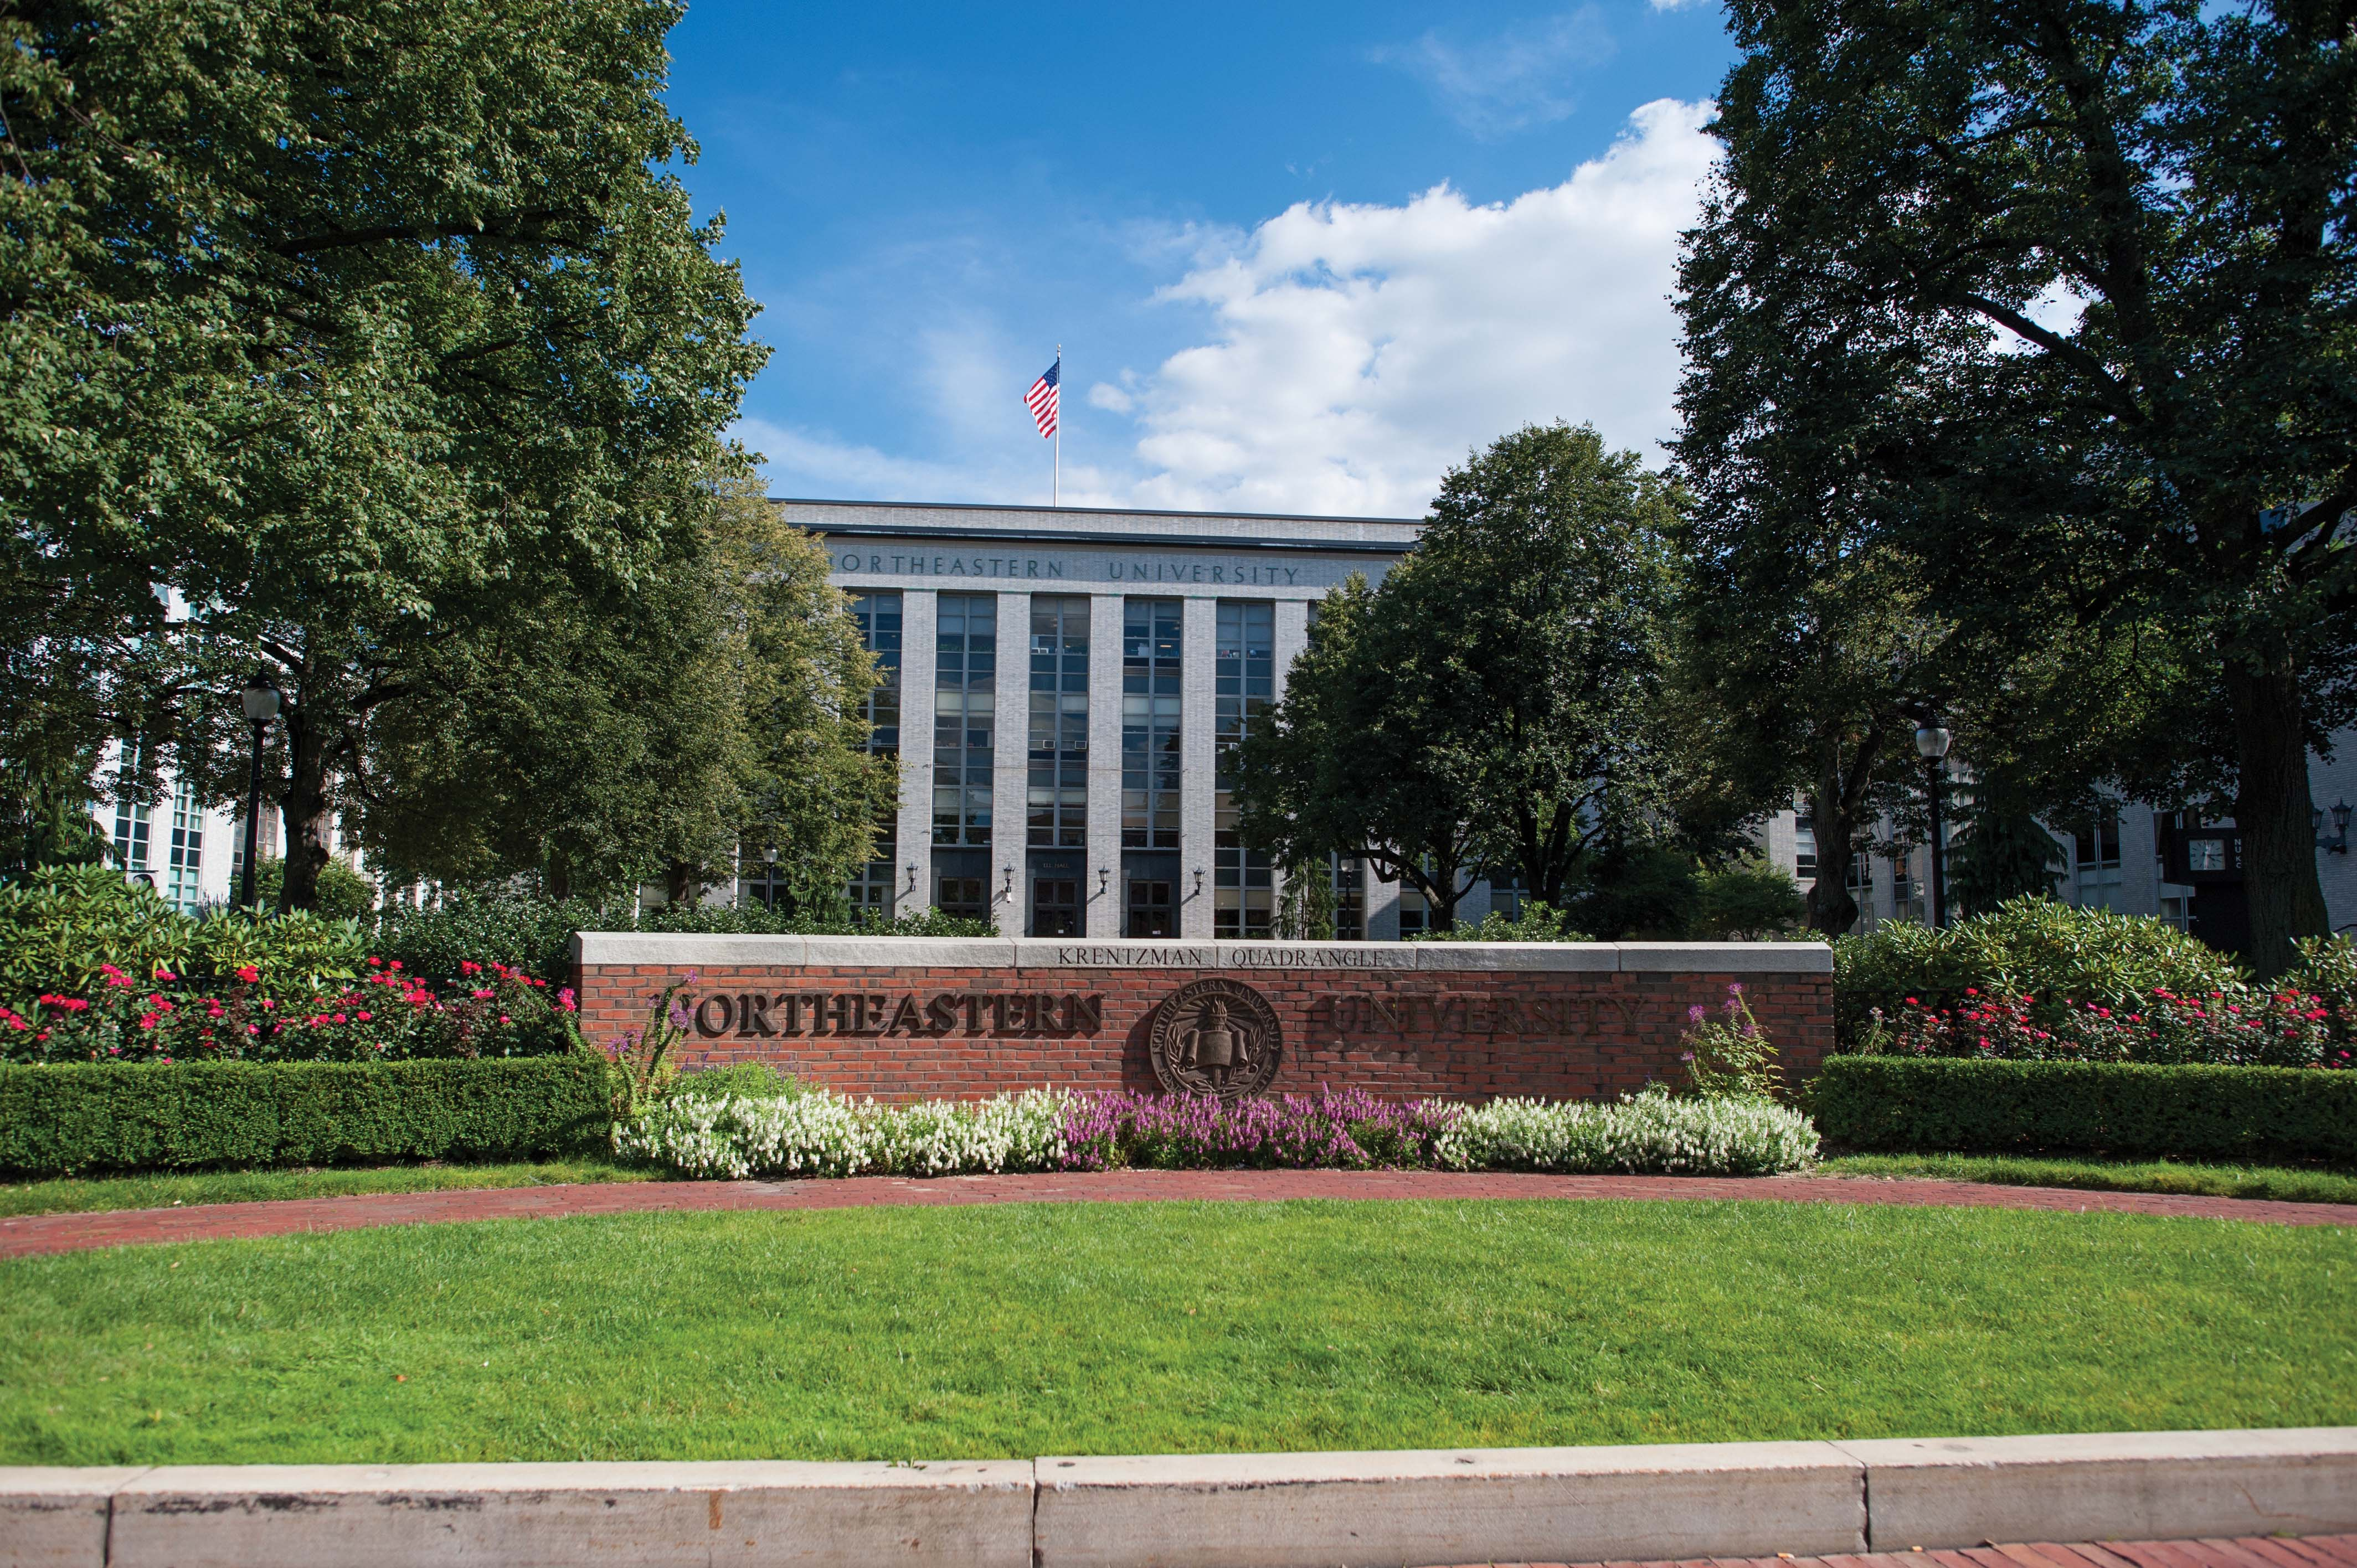 Αποτέλεσμα εικόνας για Northeastern University- Boston